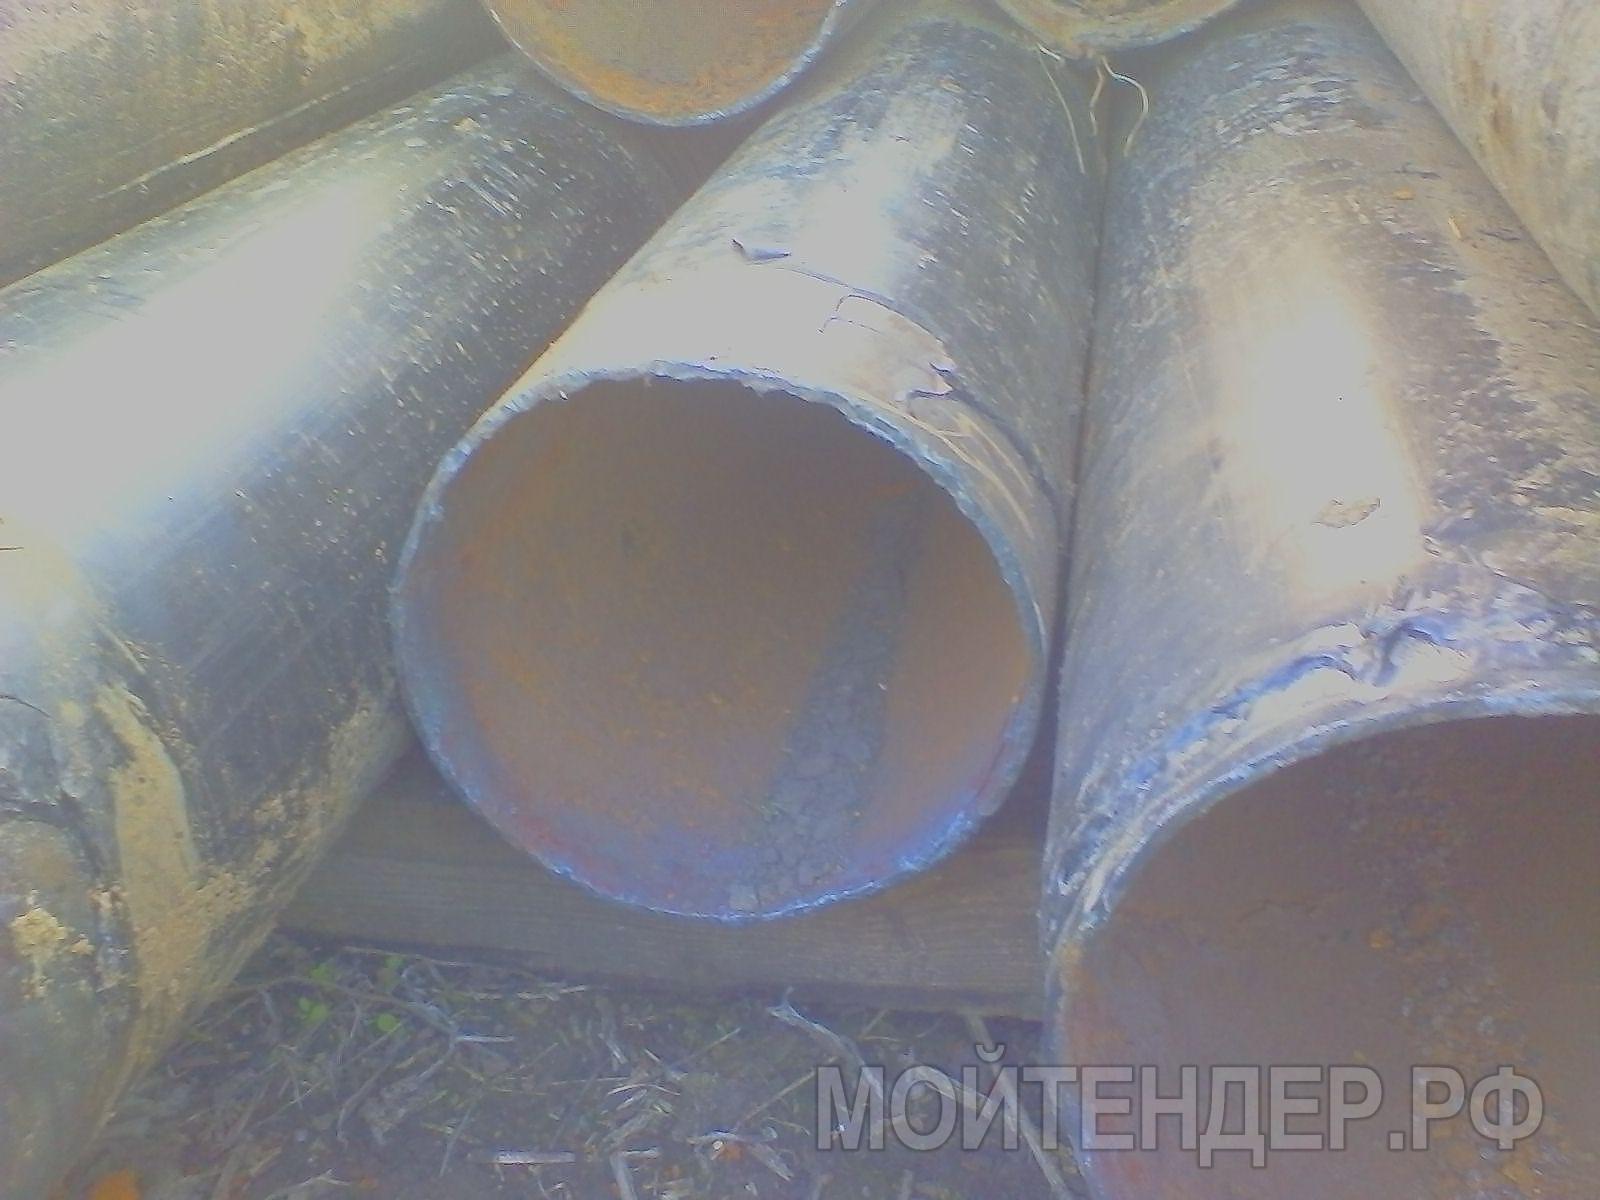 Мойтендер.рф-304-42-2626: Фото 6